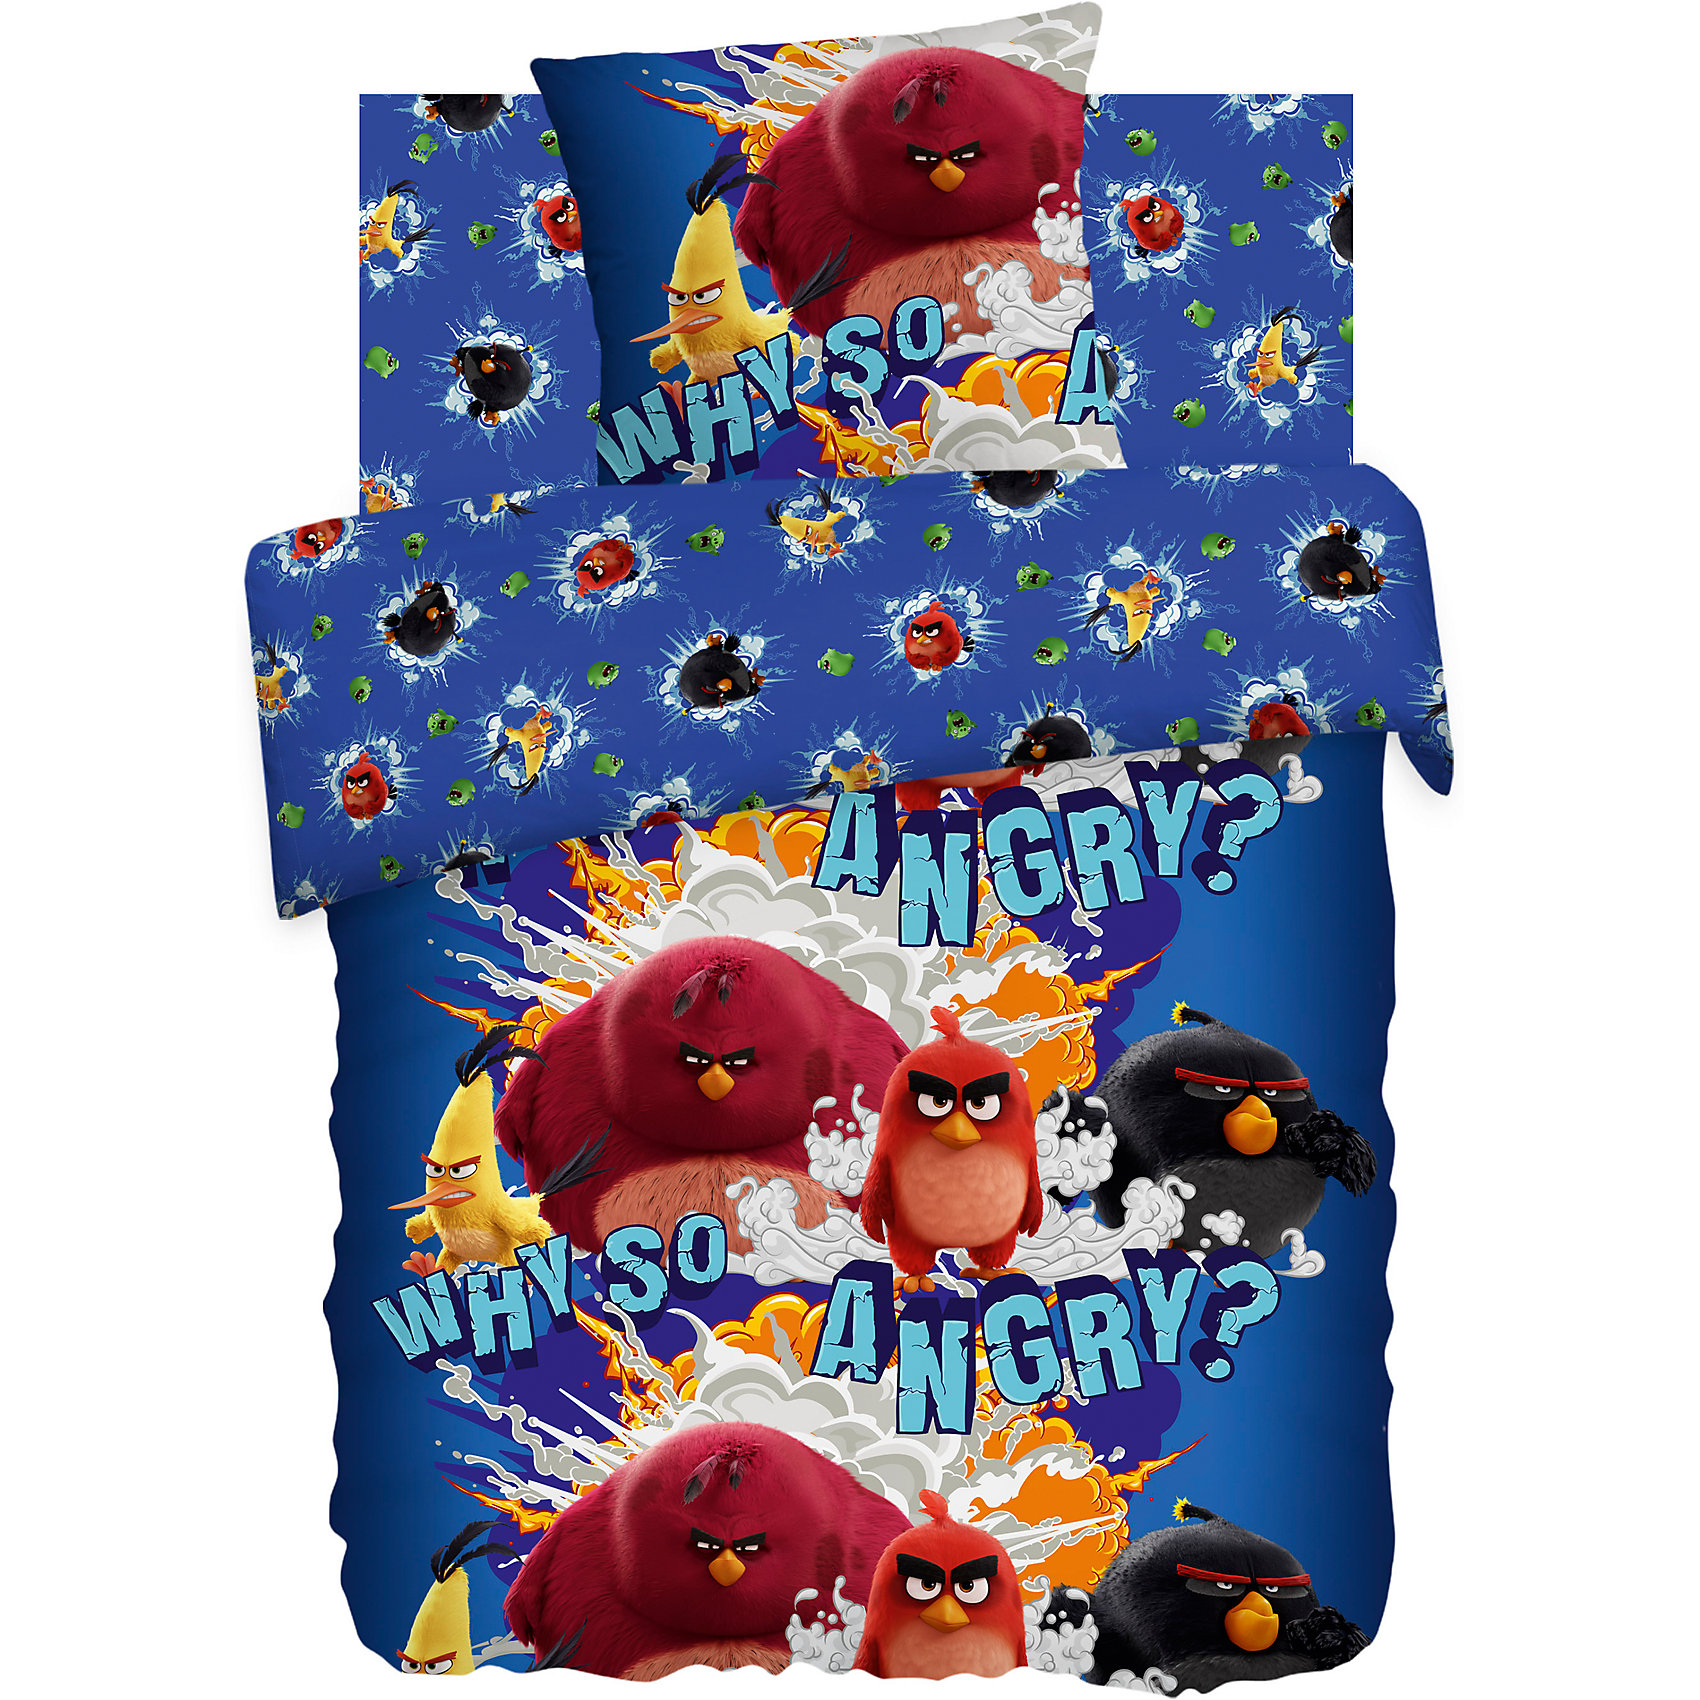 Комплект Why so angry?, Angry BirdsКомплект бязь Злые Птички от бренда Angry Birds <br><br>Этот комплект постельного белья создан специально для современных детей - любителей игры  Angry Birds. На нем изображены герои этой знаменитой игры и мультфильма. Смотрится очень эффектно! Такая расцветка обеспечит ребенку настрой на яркие волшебные сны.<br>Комплект сшит из натурального хлопка. Этот материал не вызывает аллергии и раздражения, позволяет коже дышать, обеспечивает комфорт во время сна, легко стирается. Размеры всех предметов - стандартные для полутораспального комплекта, отлично подойдут для детской кровати и спальных принадлежностей.<br><br>Особенности комплекта:<br><br>пододеяльник: 143*215 см (1 шт.);<br>простыня: 150*214 см (1 шт.);<br>наволочка: 70*70 см (1шт.)<br>ткань: бязь (100% хлопок).<br><br>Комплект бязь Злые Птички от бренда Angry Birds можно купить в нашем магазине<br><br>Ширина мм: 250<br>Глубина мм: 350<br>Высота мм: 70<br>Вес г: 1150<br>Возраст от месяцев: 36<br>Возраст до месяцев: 144<br>Пол: Унисекс<br>Возраст: Детский<br>SKU: 4660091